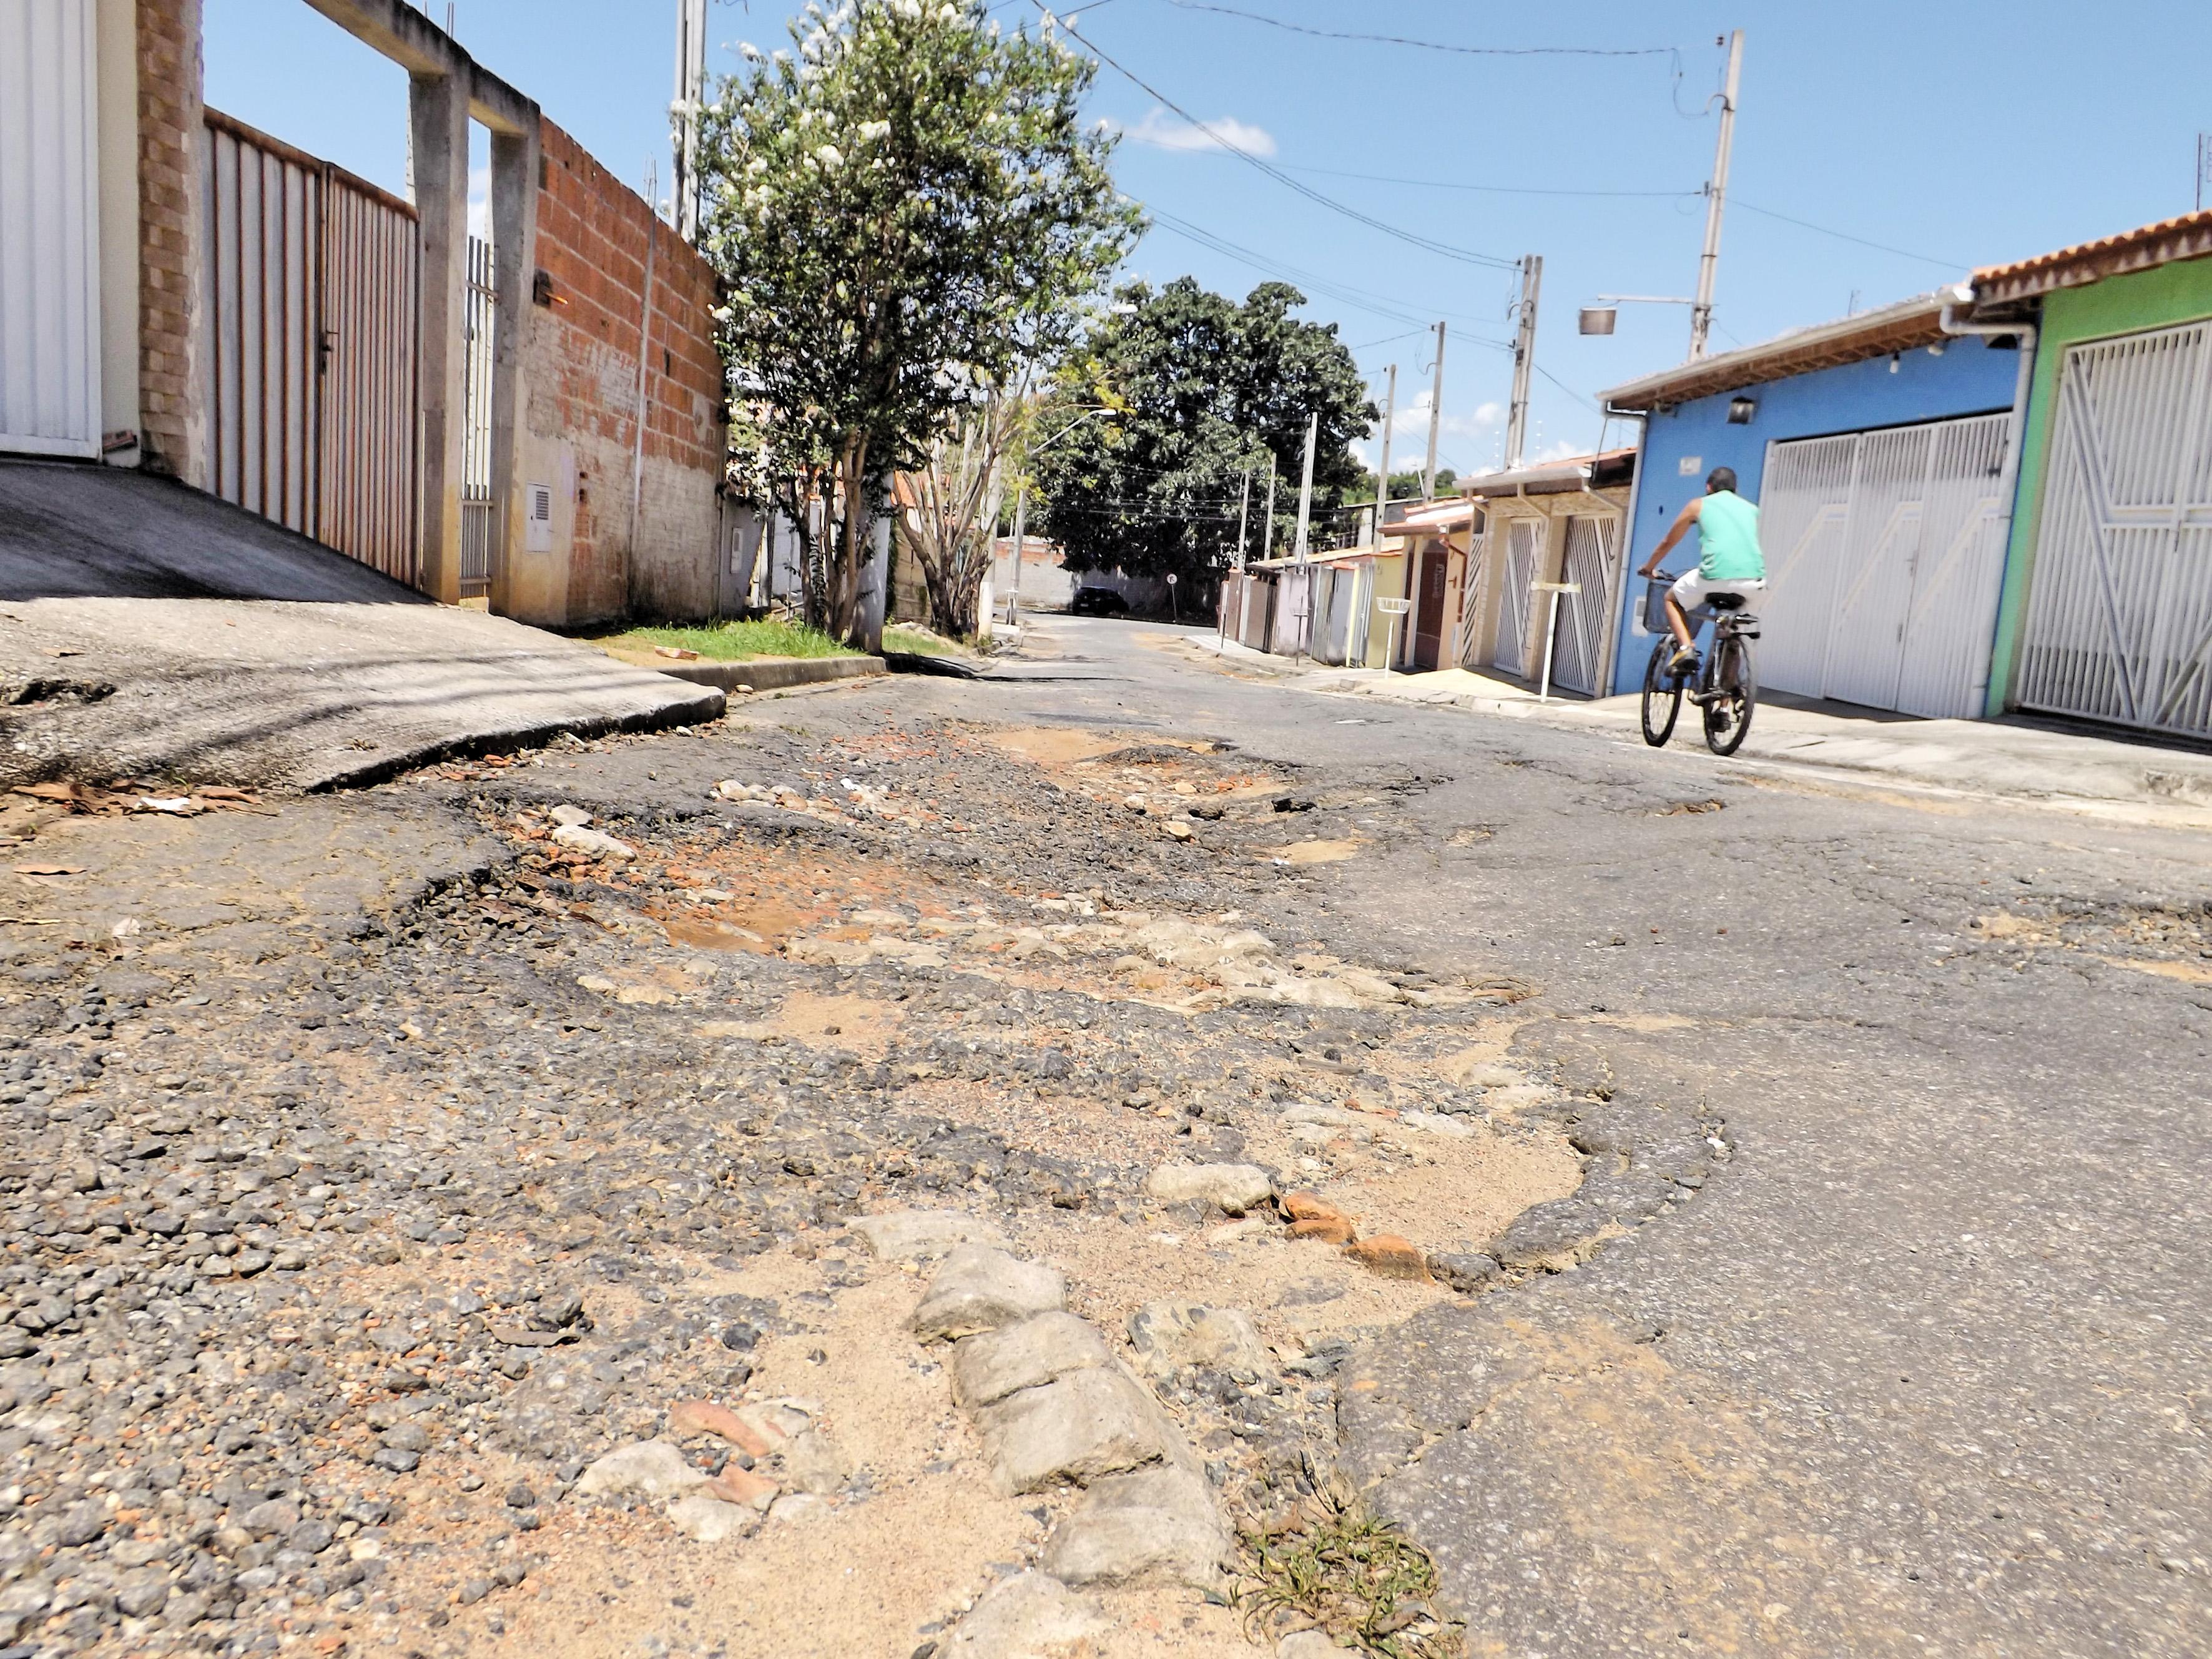 Pavimentação irregular é um dos principais problemas apontados por moradores de bairro em Cachoeira (Foto: Lucas Barbosa)